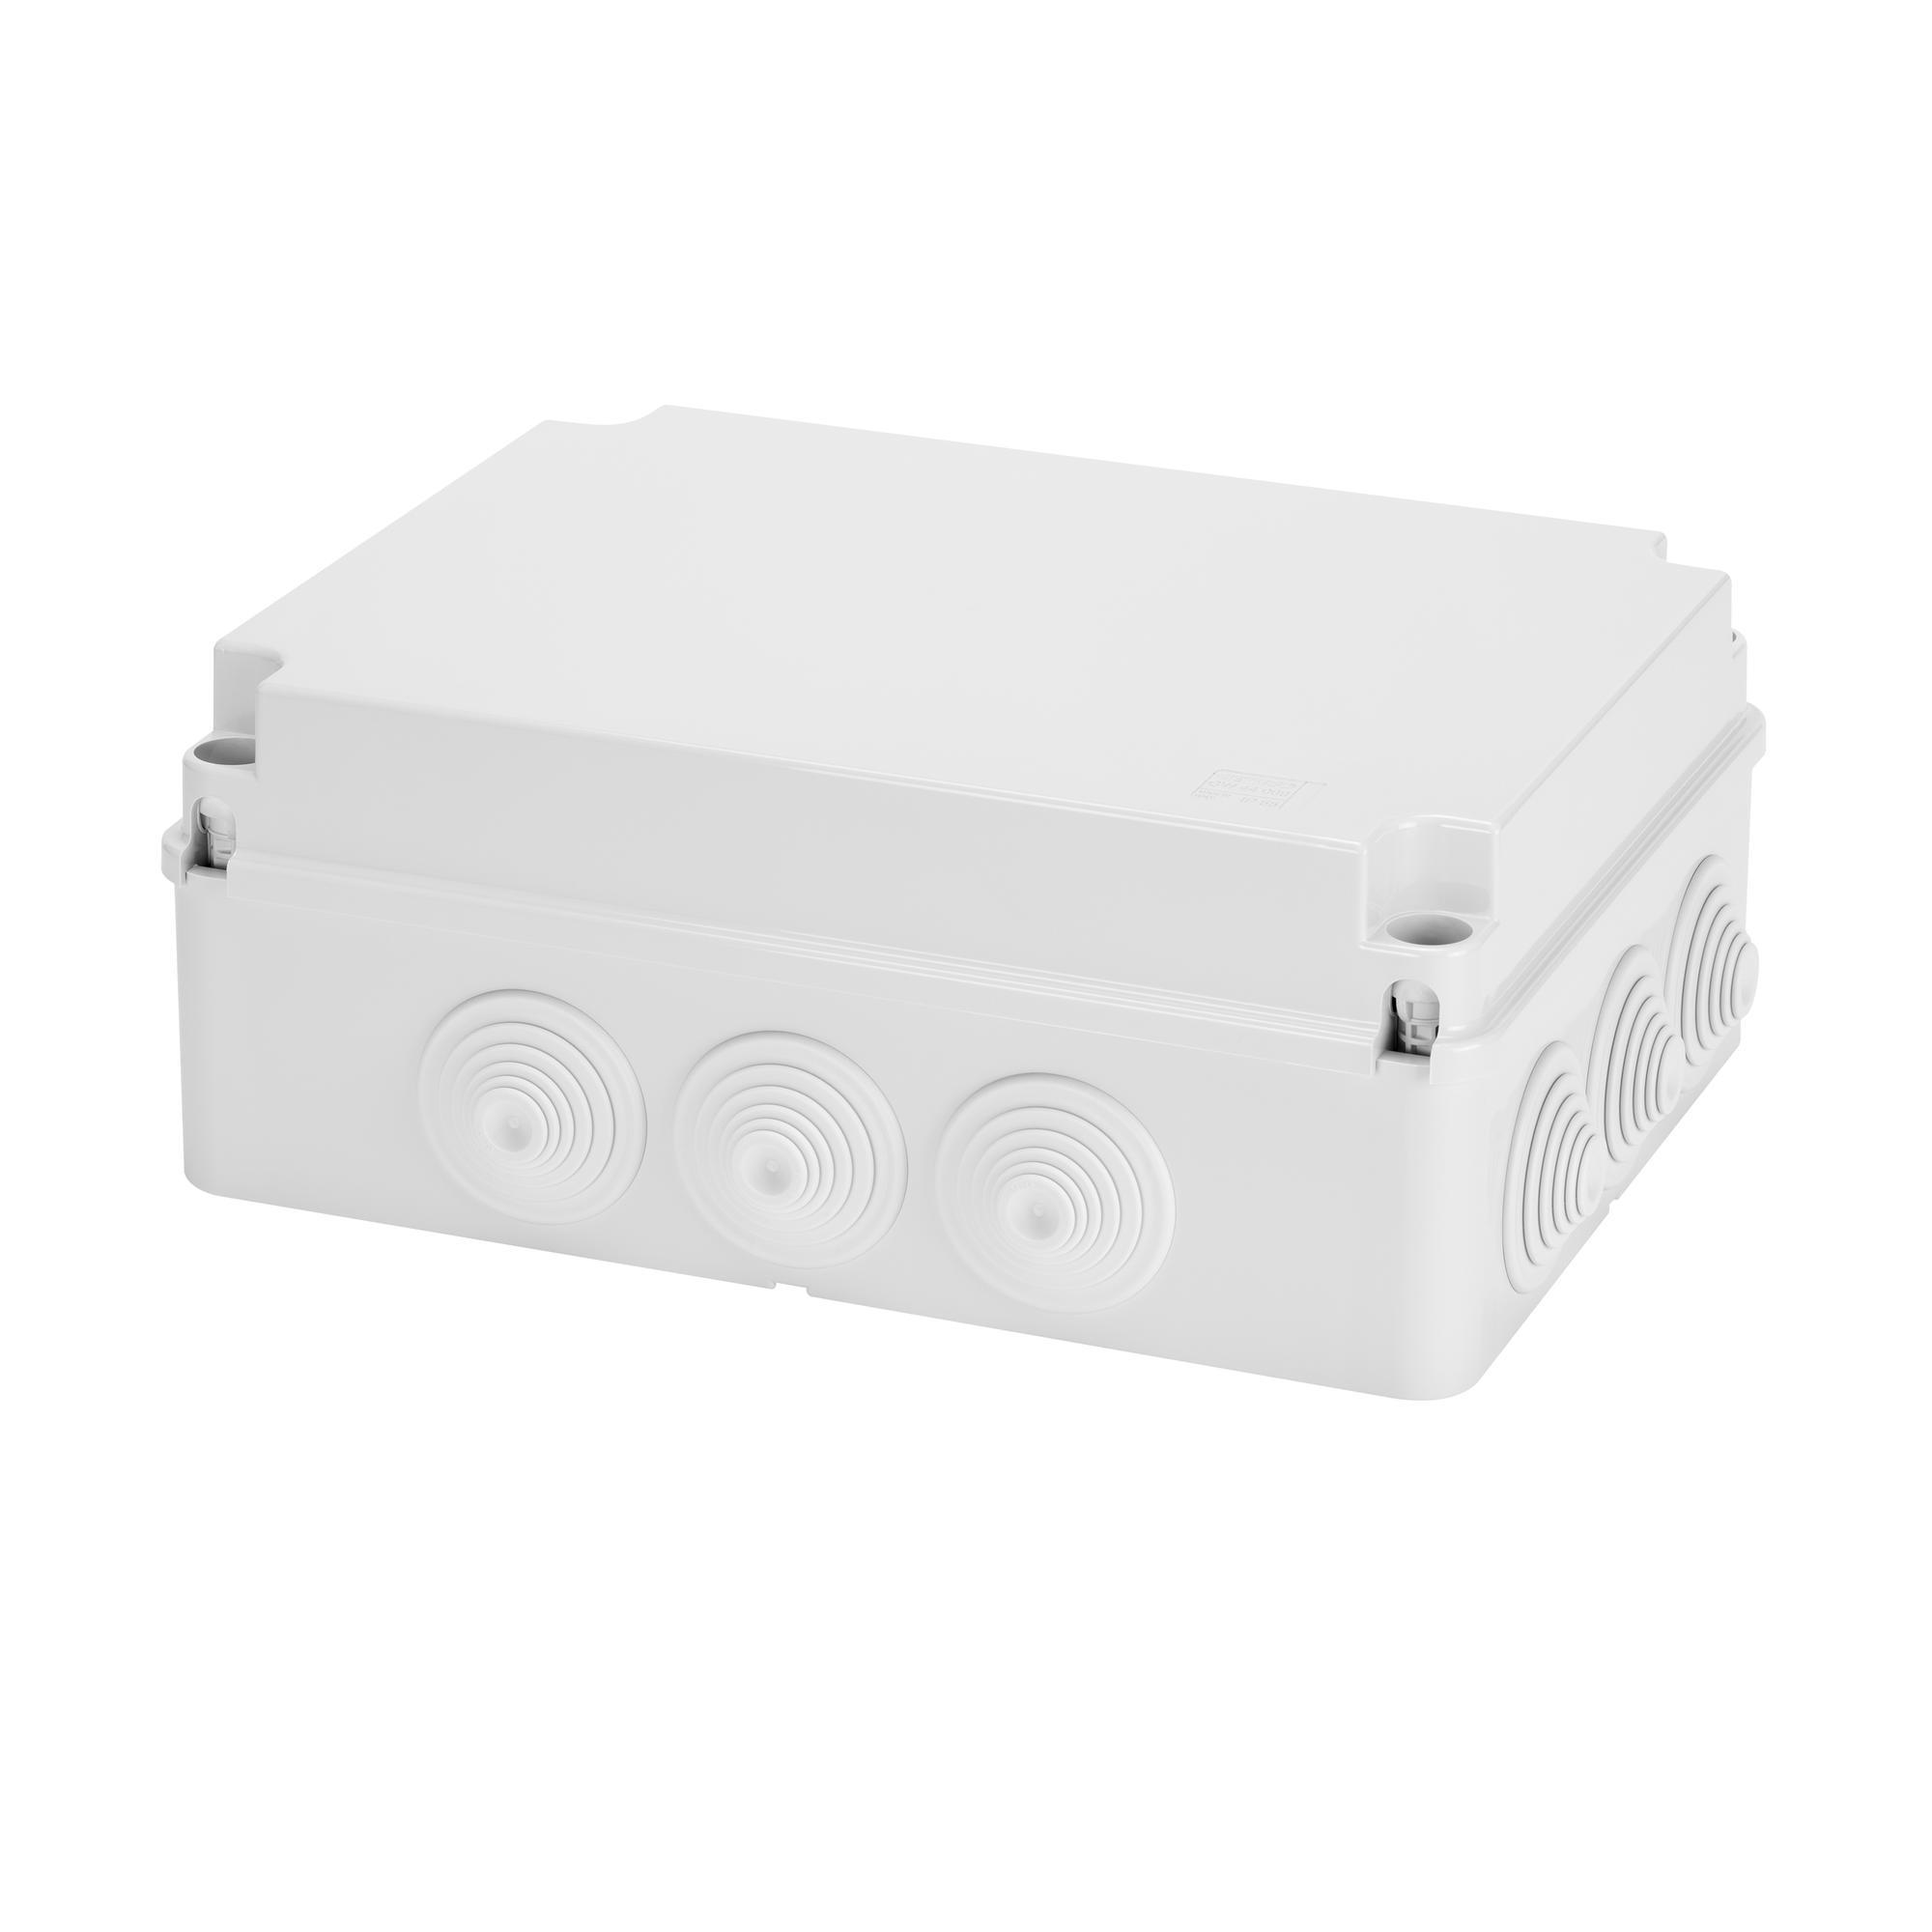 Gewiss GW44429 Bo/îte de d/érivation pour /équipements /électriques et /électroniques parois lisses couvercle bas transparent IP56 dimensions int/érieures 300 x 220 x 120 mm